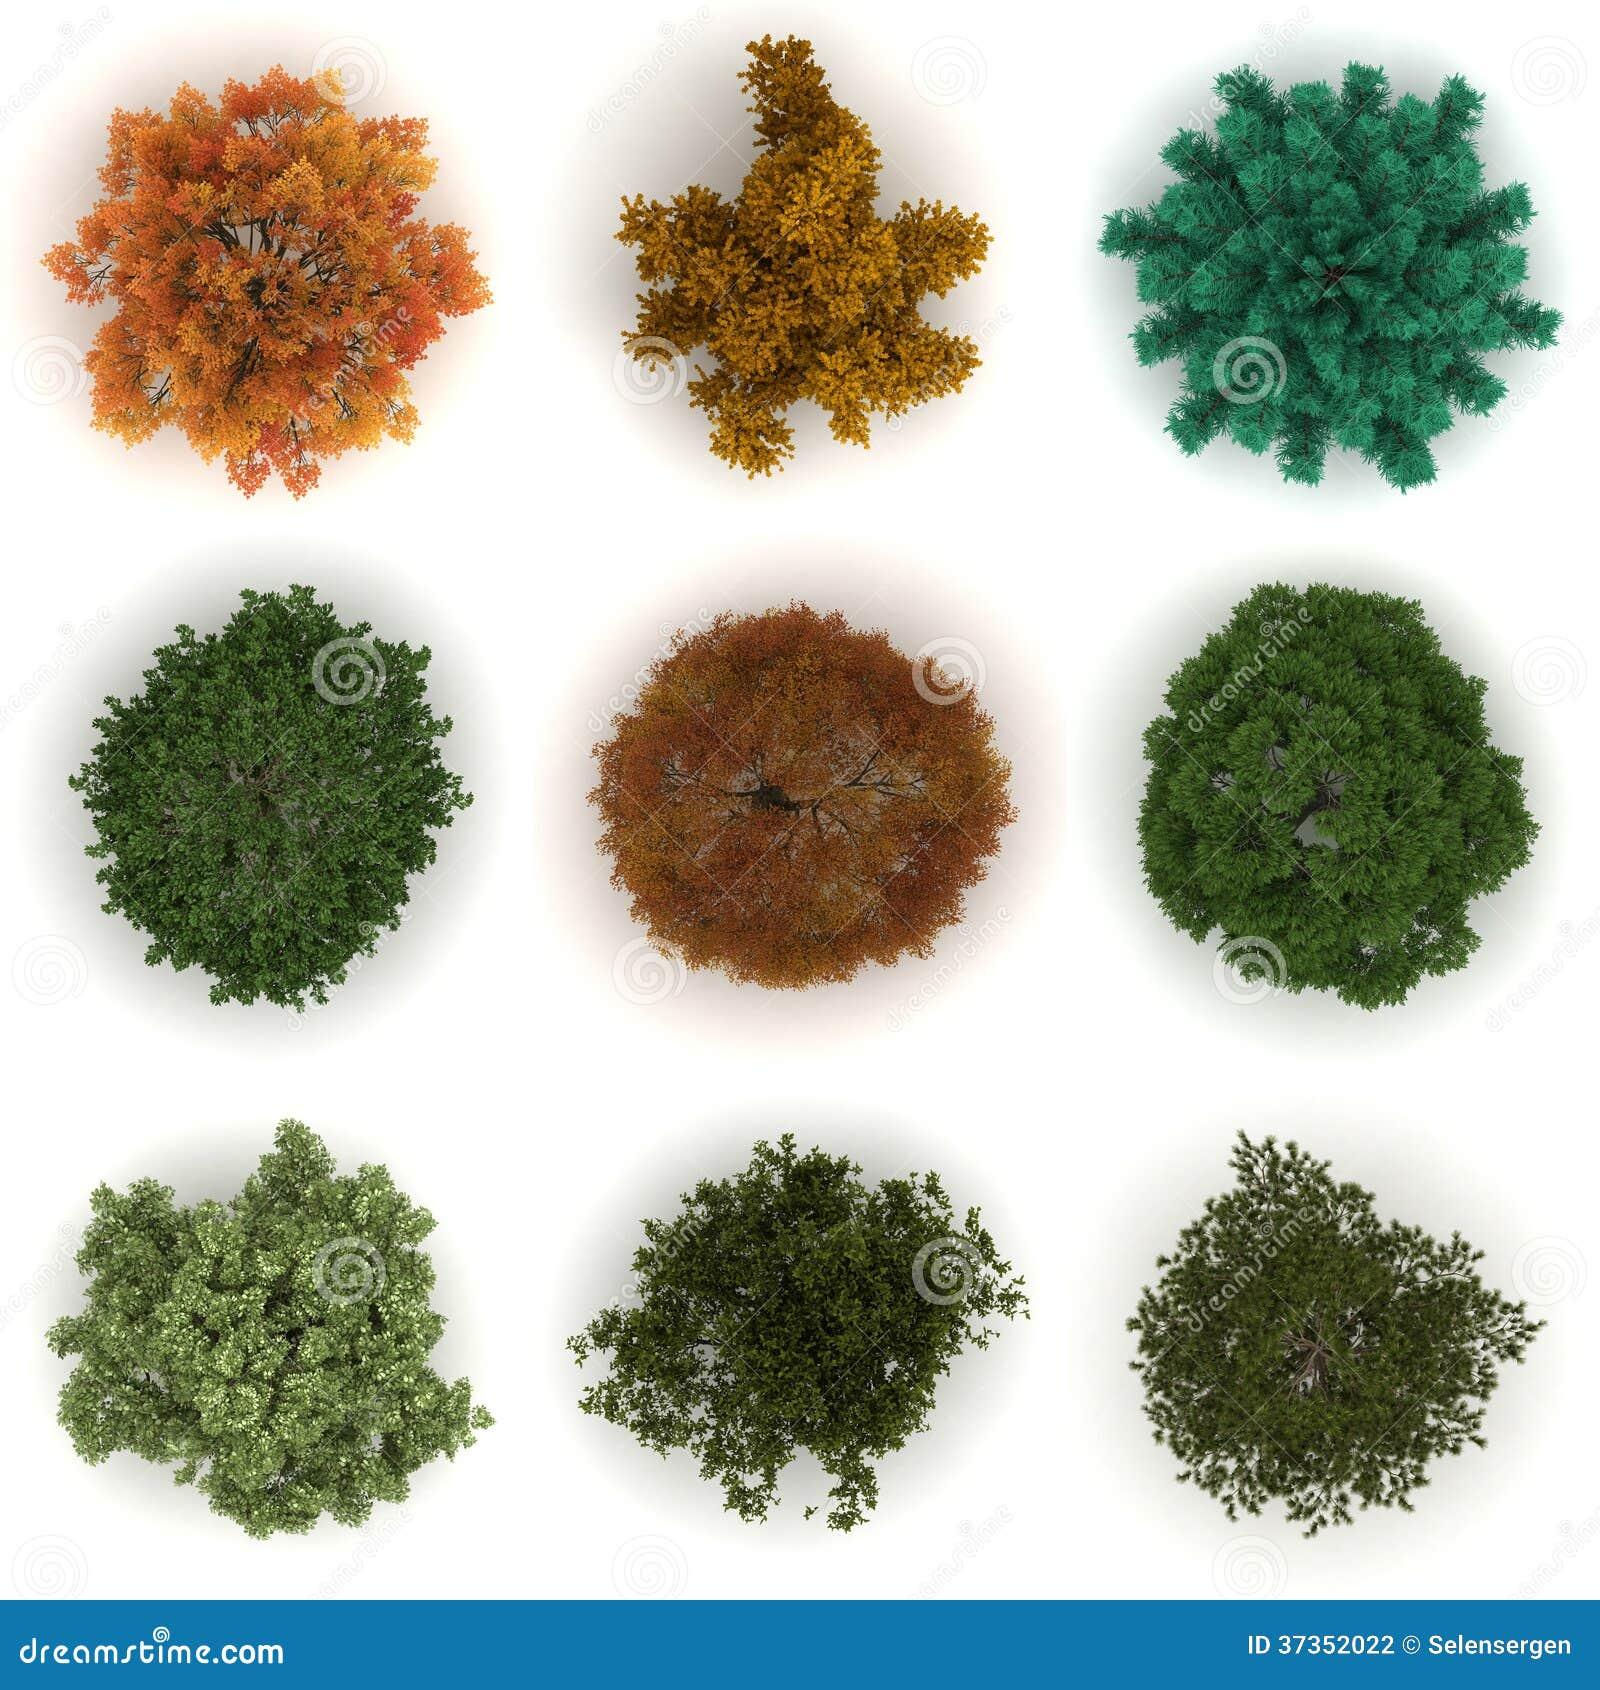 Oak quercus petraea stock photos image: 9784463